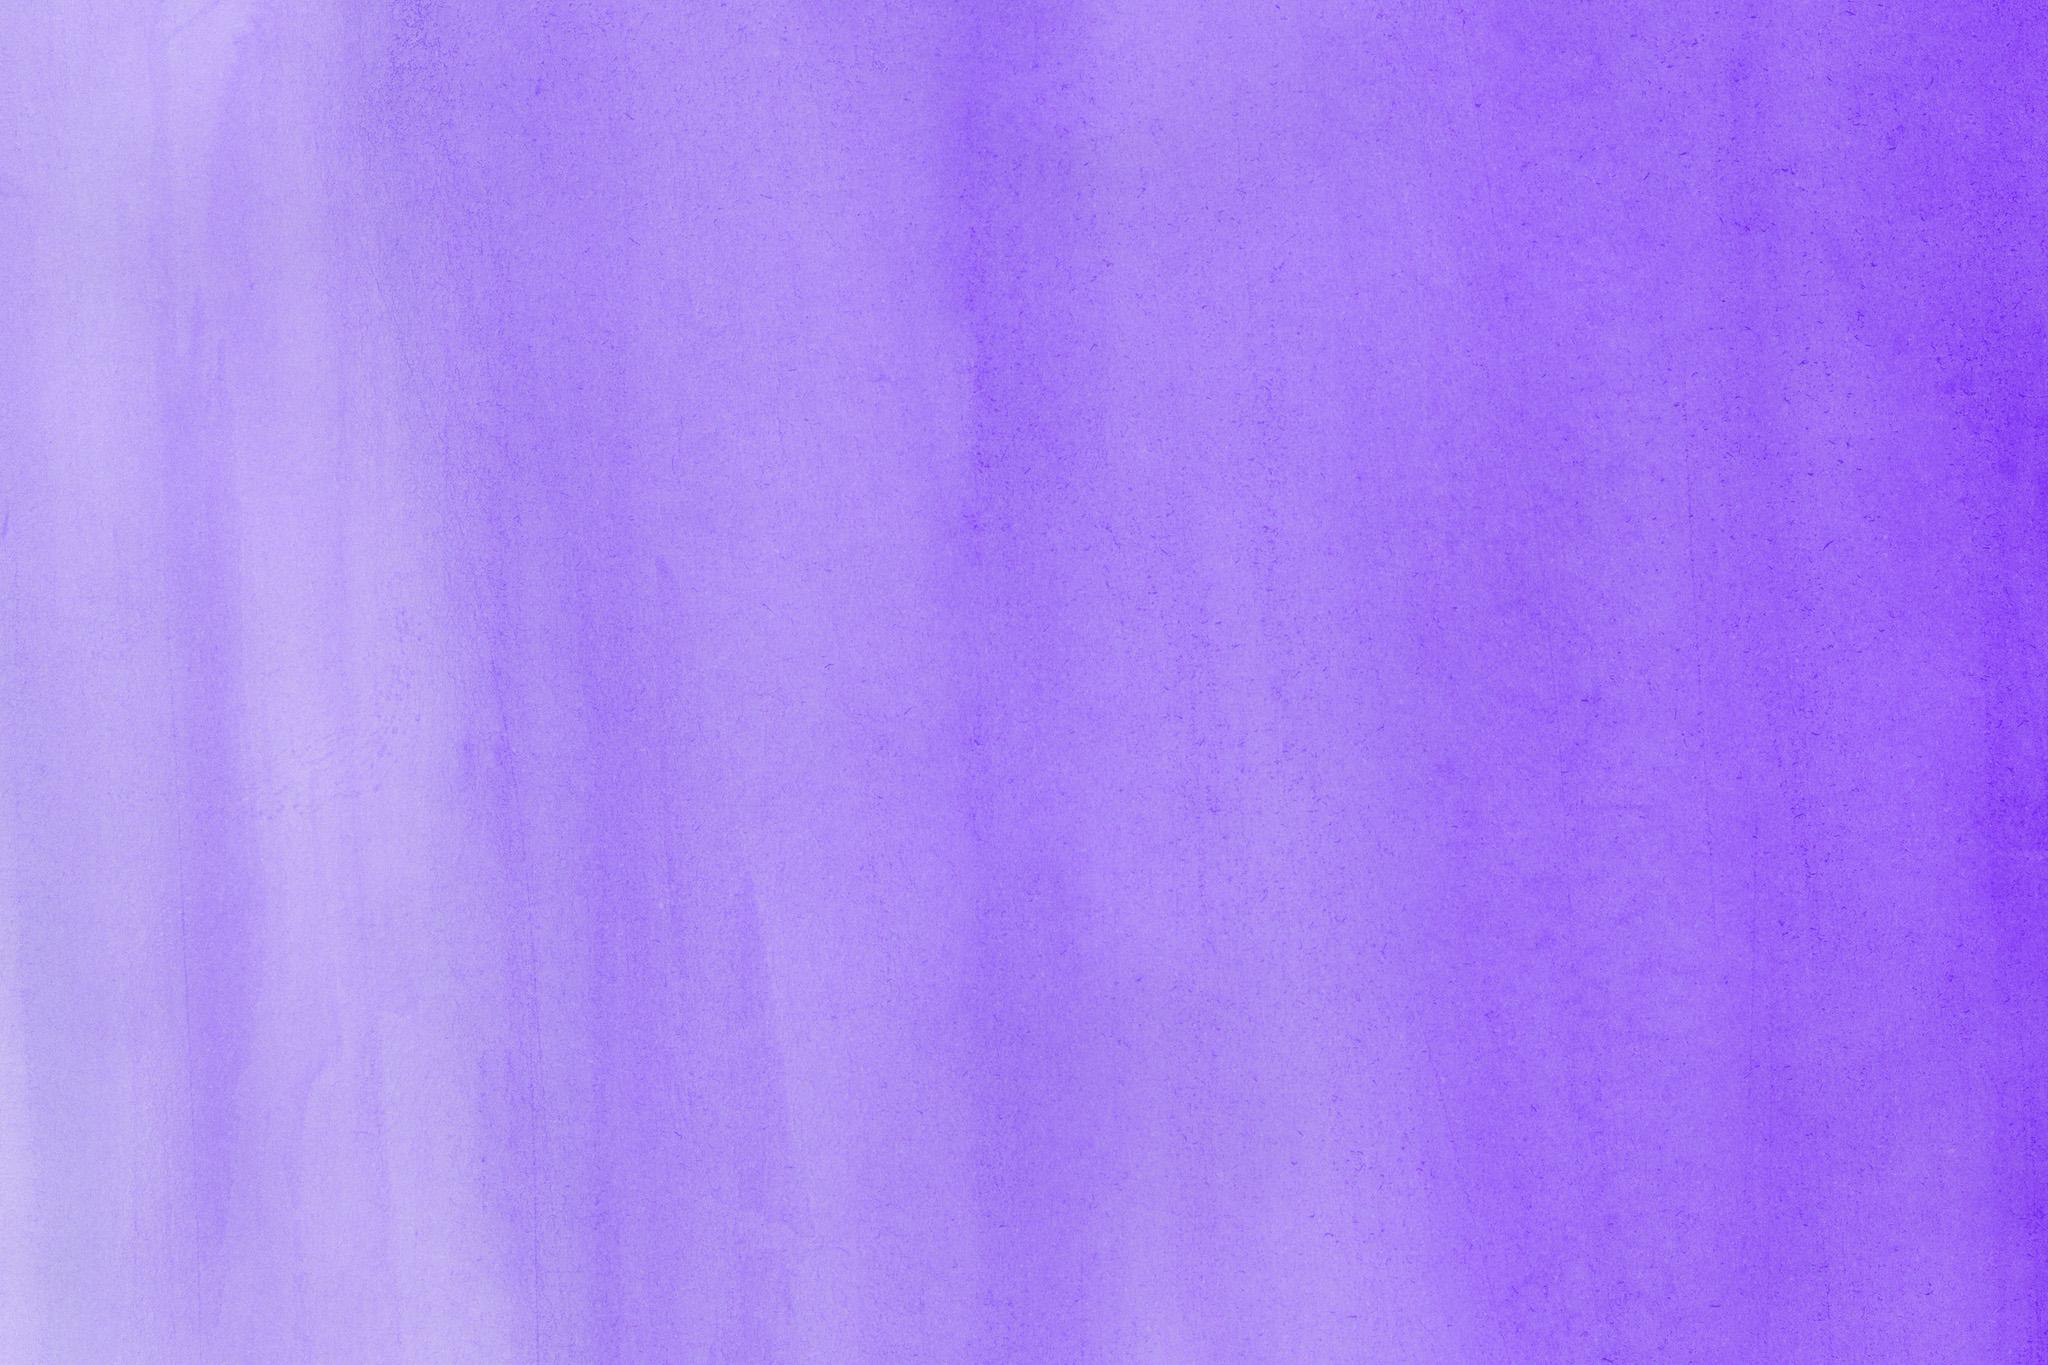 「バイオレットの水彩薄塗り背景」